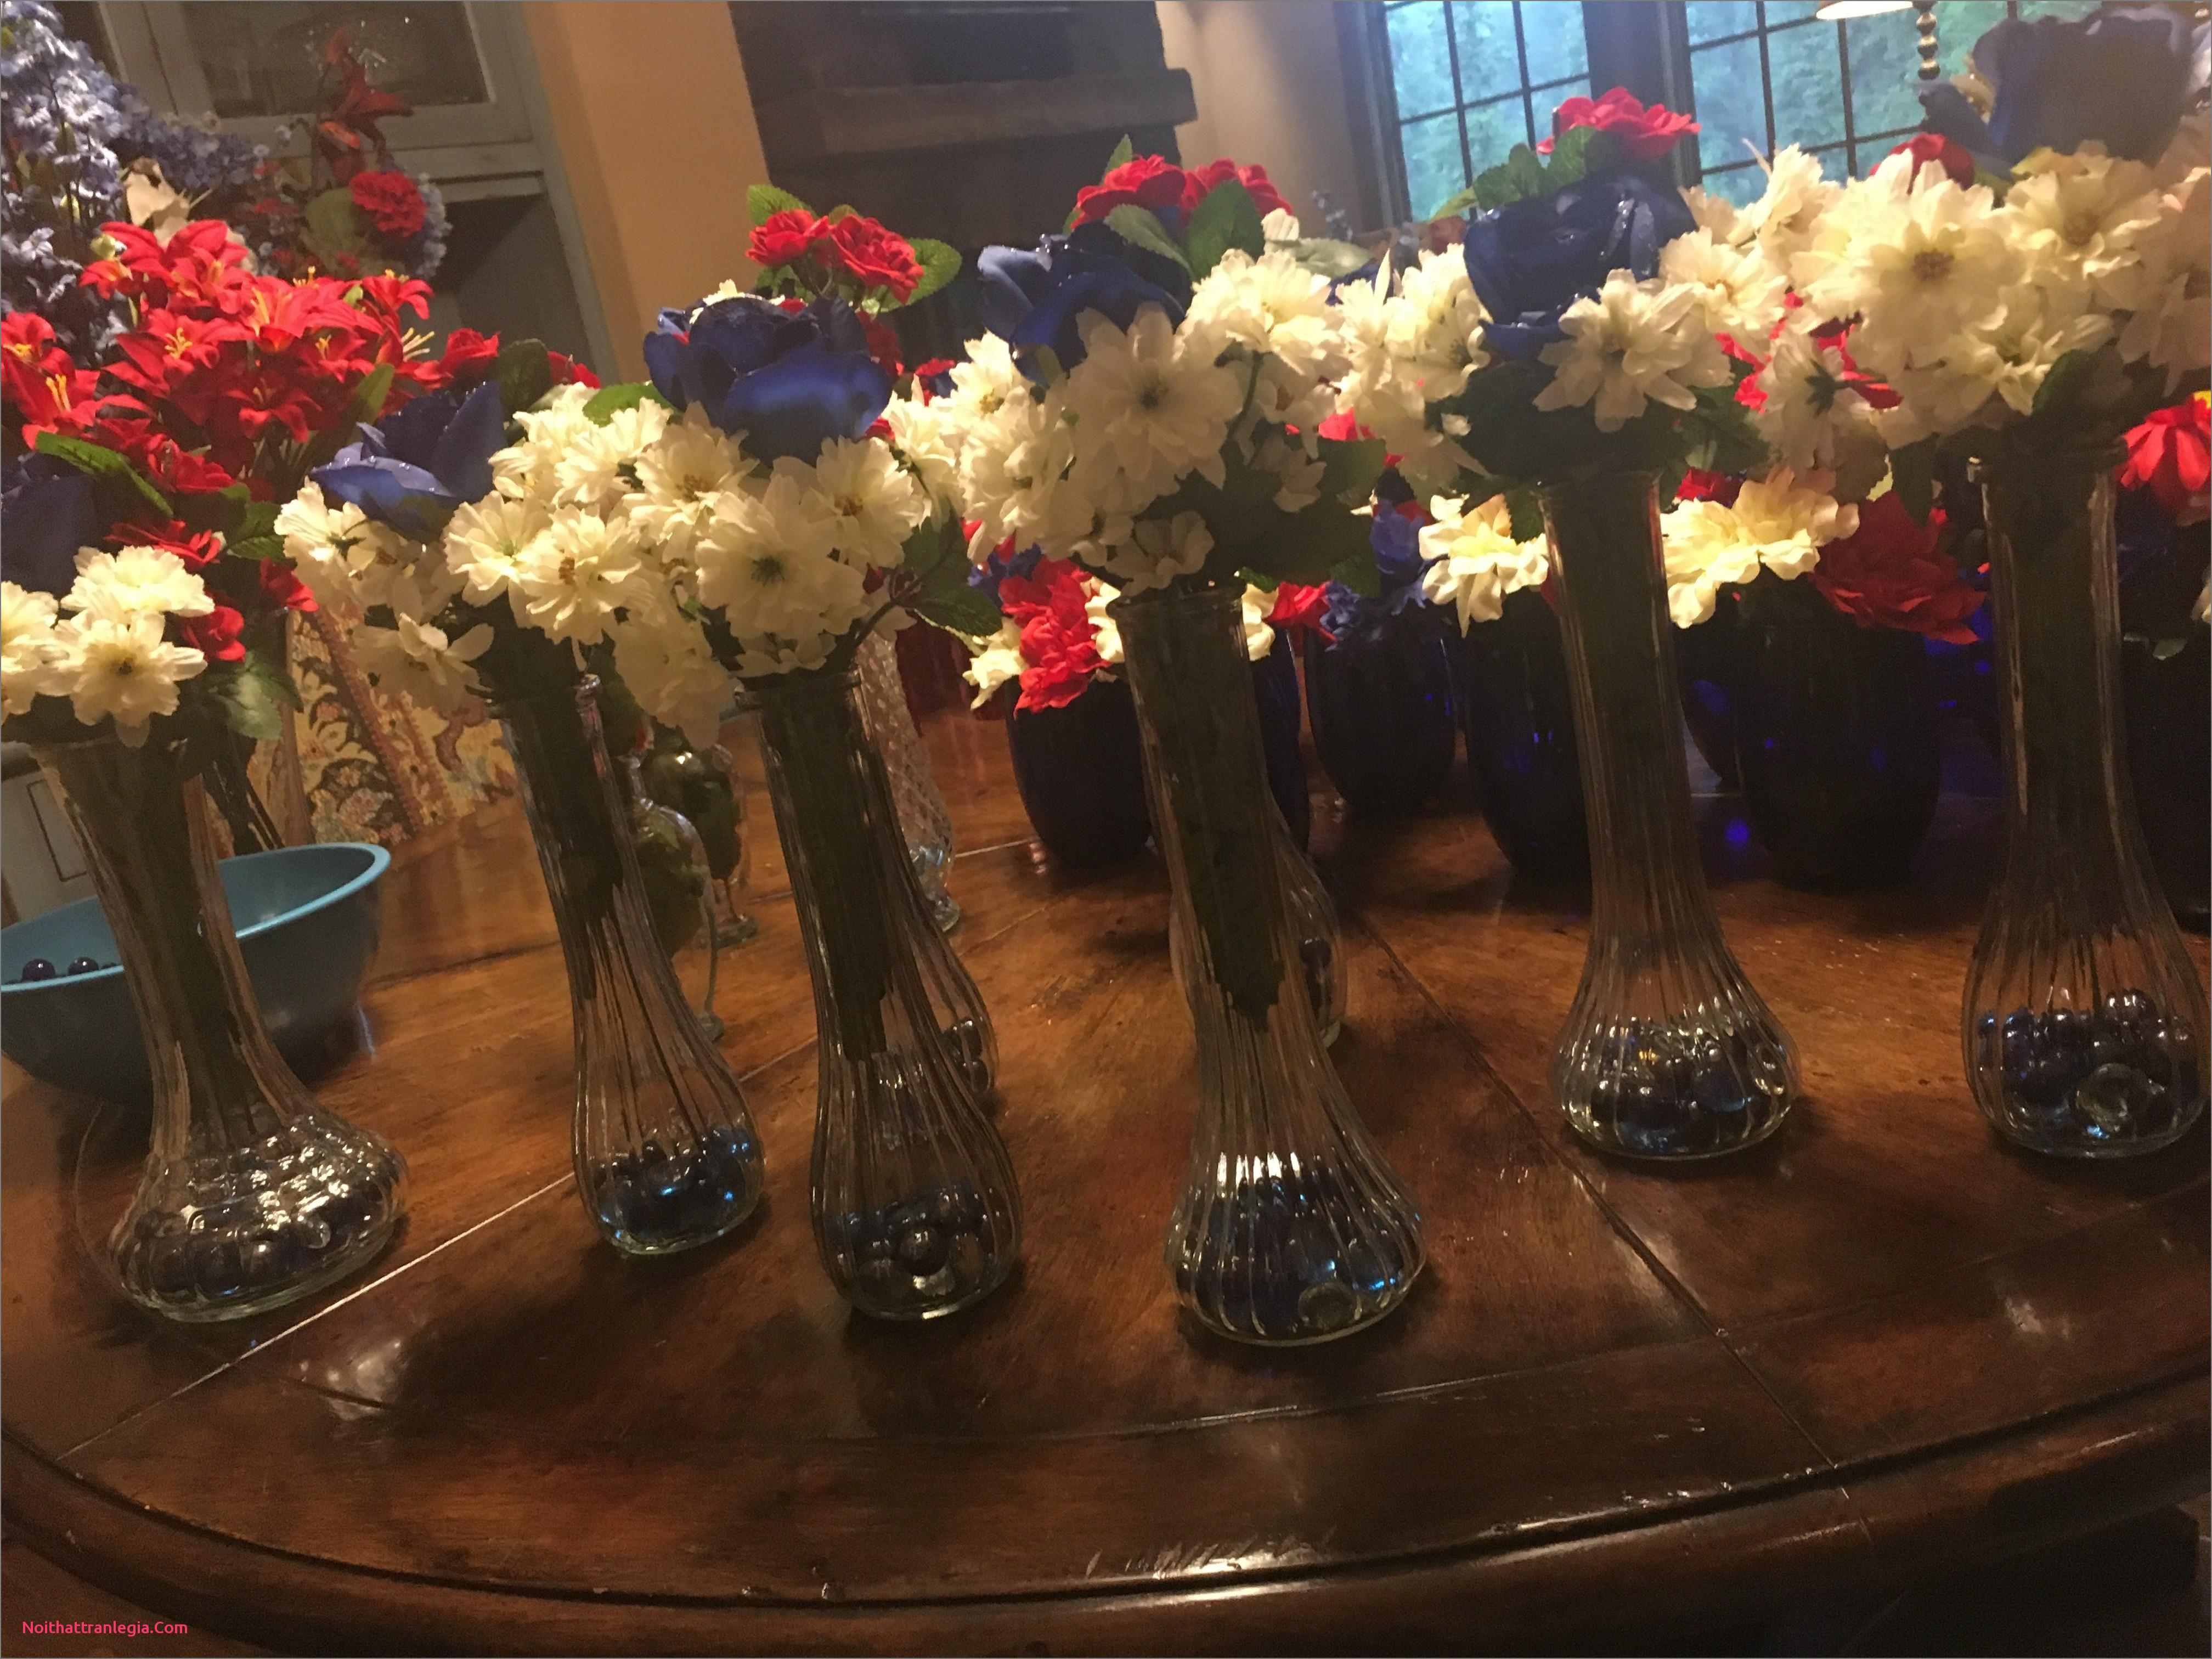 25 Best Large Silver Vase 2021 free download large silver vase of 20 wedding vases noithattranlegia vases design with regard to decoration line luxury dollar tree wedding decorations awesome h vases dollar vase i 0d